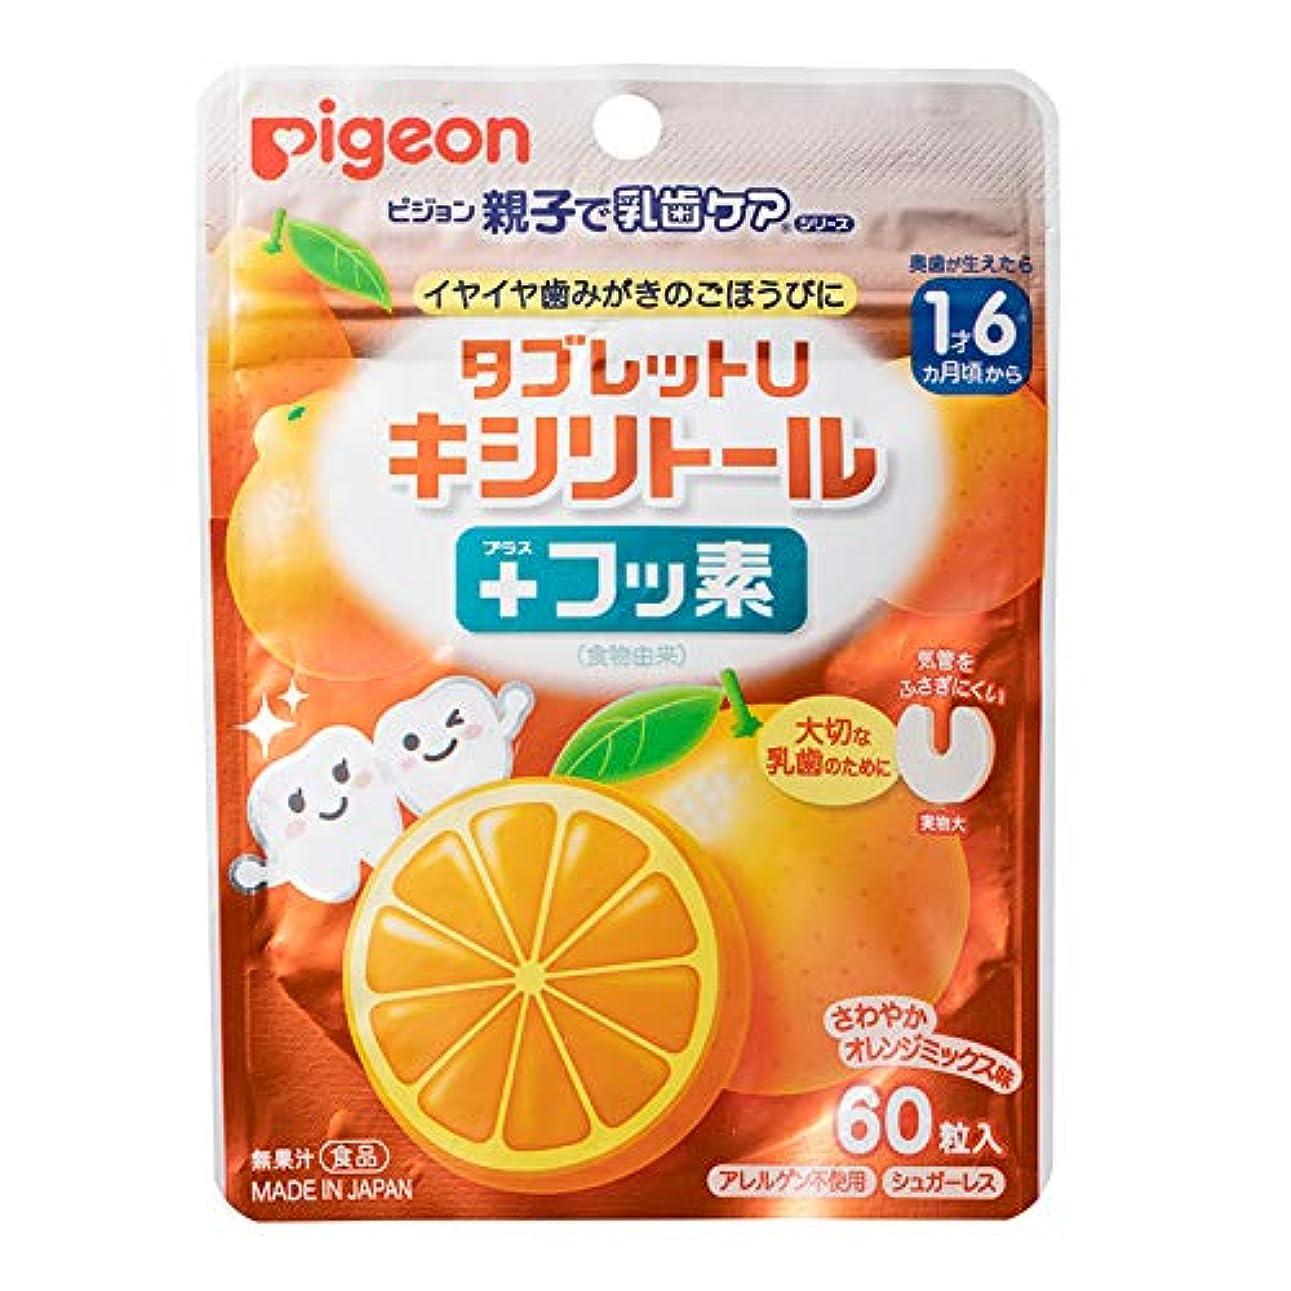 グレードビジター失効ピジョン(Pigeon) タブレットUキシリトール+フッ素 オレンジミックス味60粒入 アレルゲン不使用 シュガーレス 【1歳6ヵ月頃から】